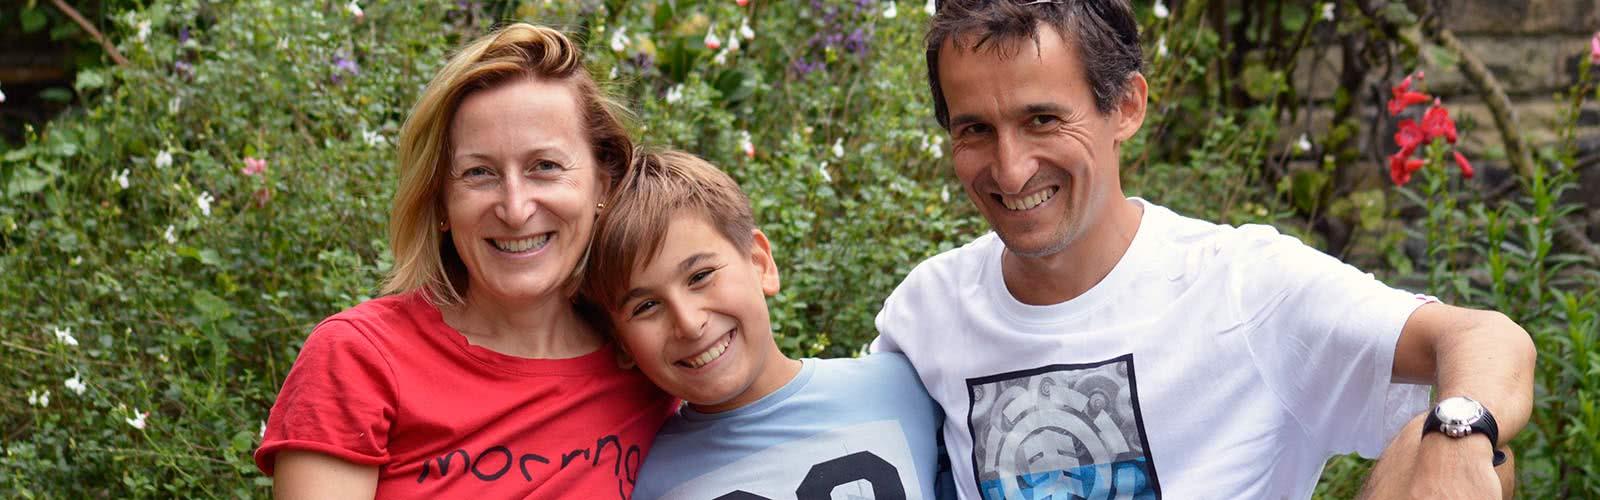 cursos de idiomas y de inglés para familias en el extranjero